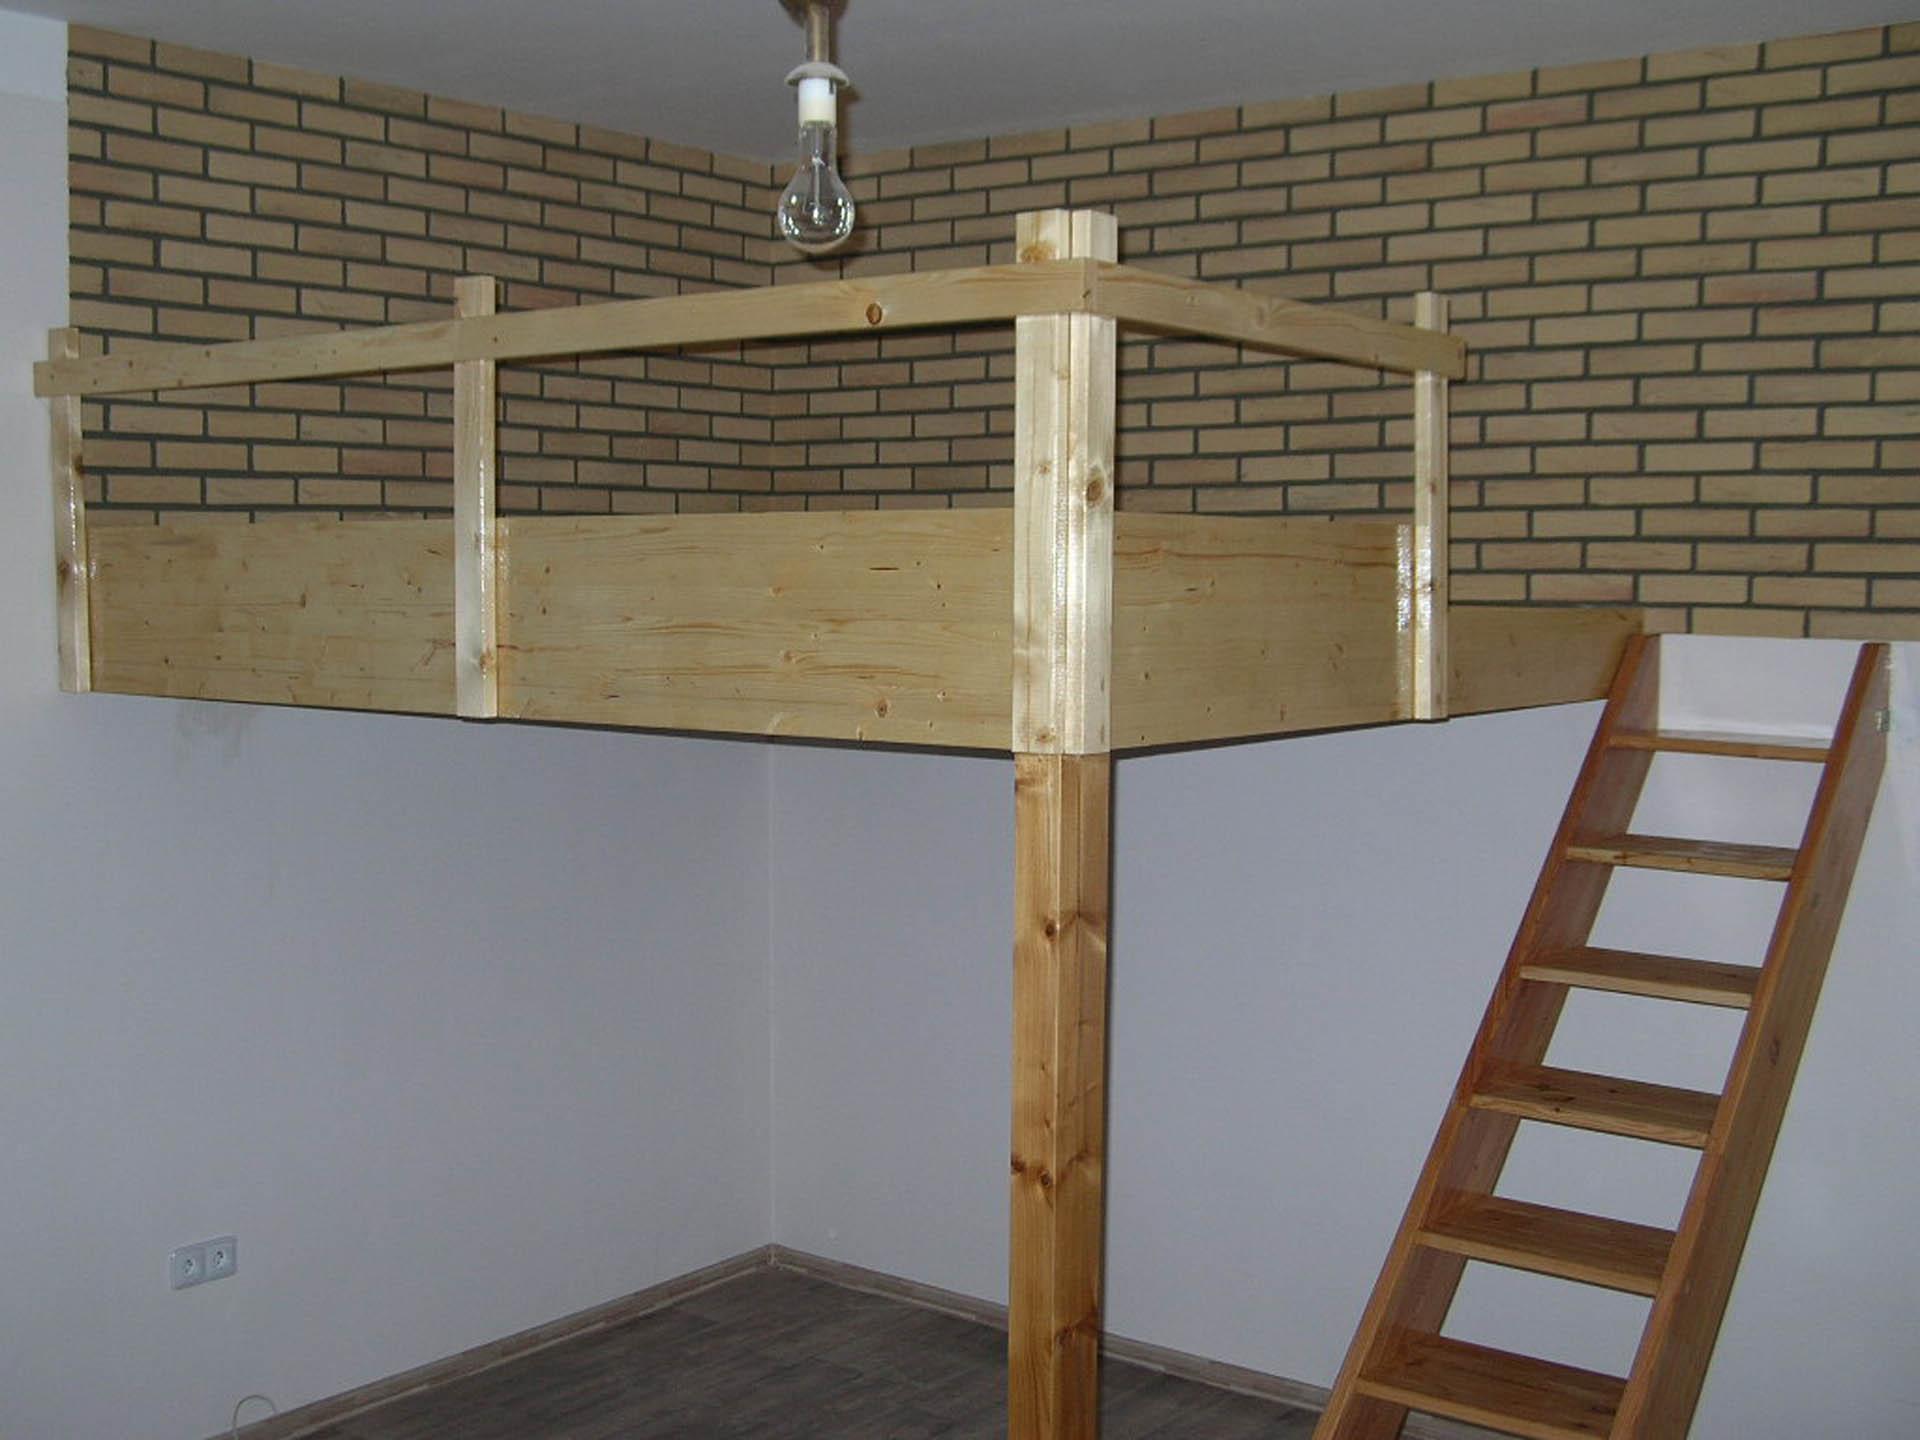 dvojlůžko 210 x 190 cm